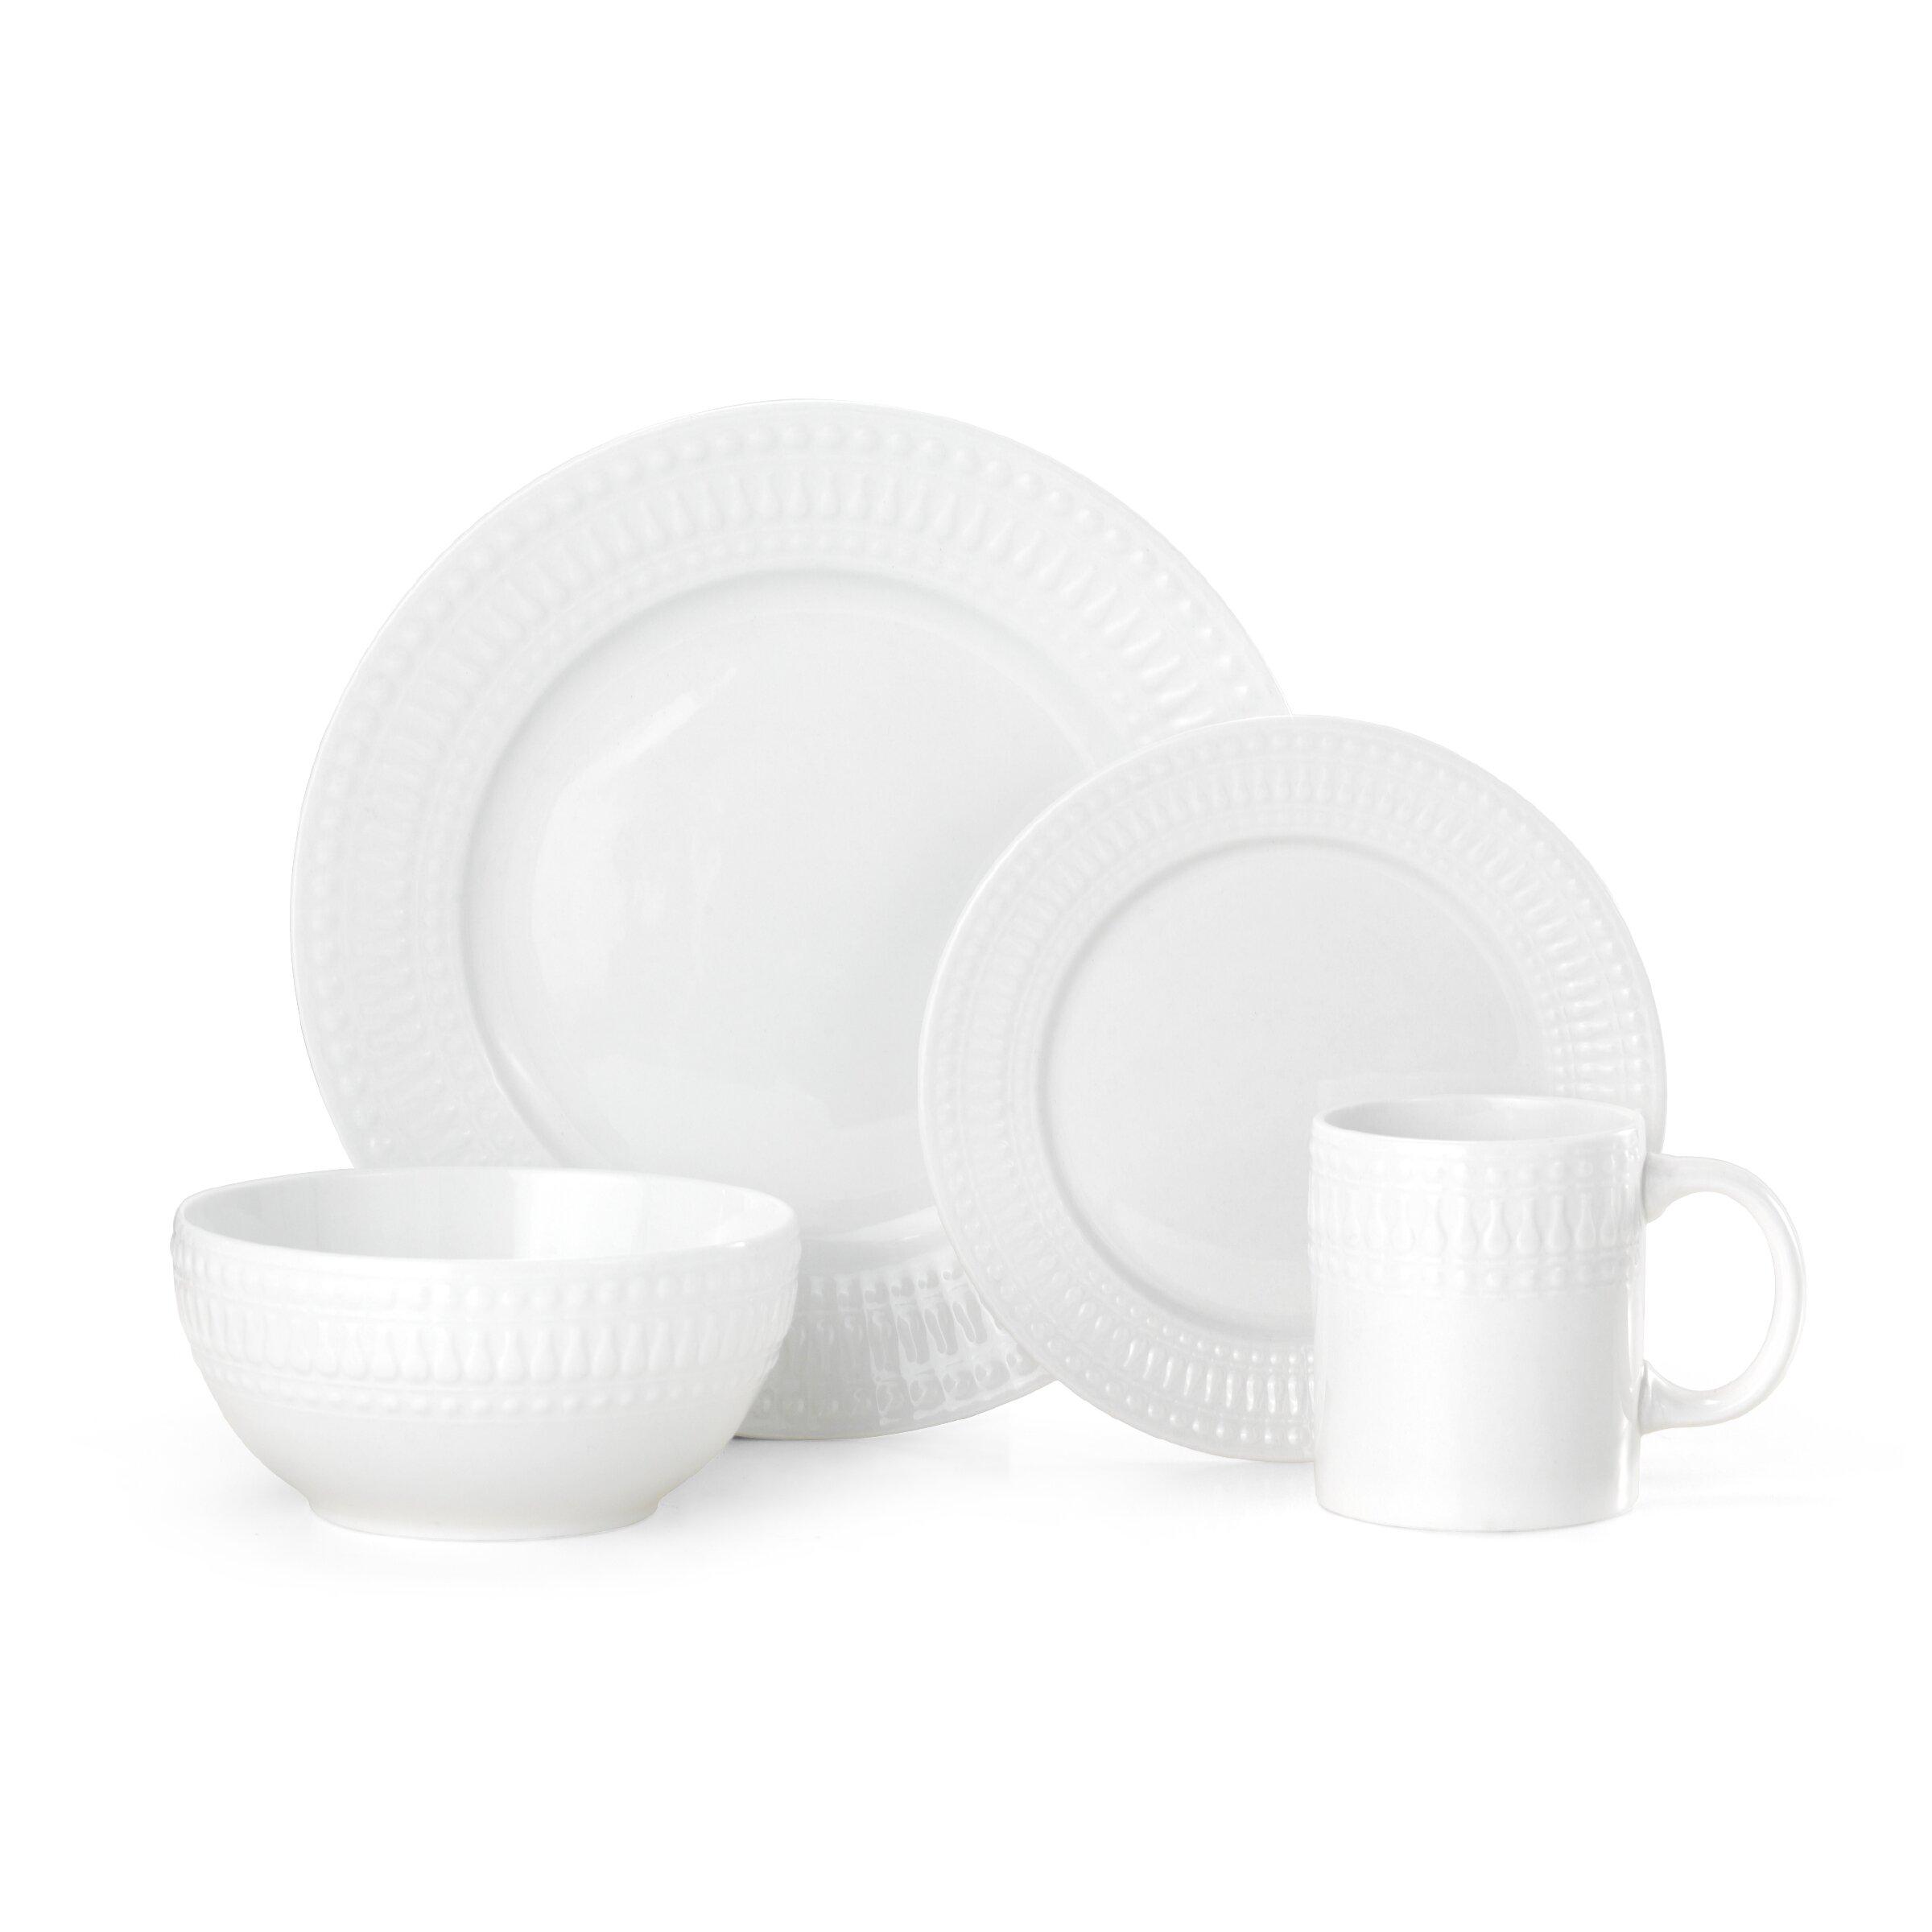 Cassandra 16 Piece Dinnerware Set Service for 4  sc 1 st  Wayfair & Pfaltzgraff | Wayfair